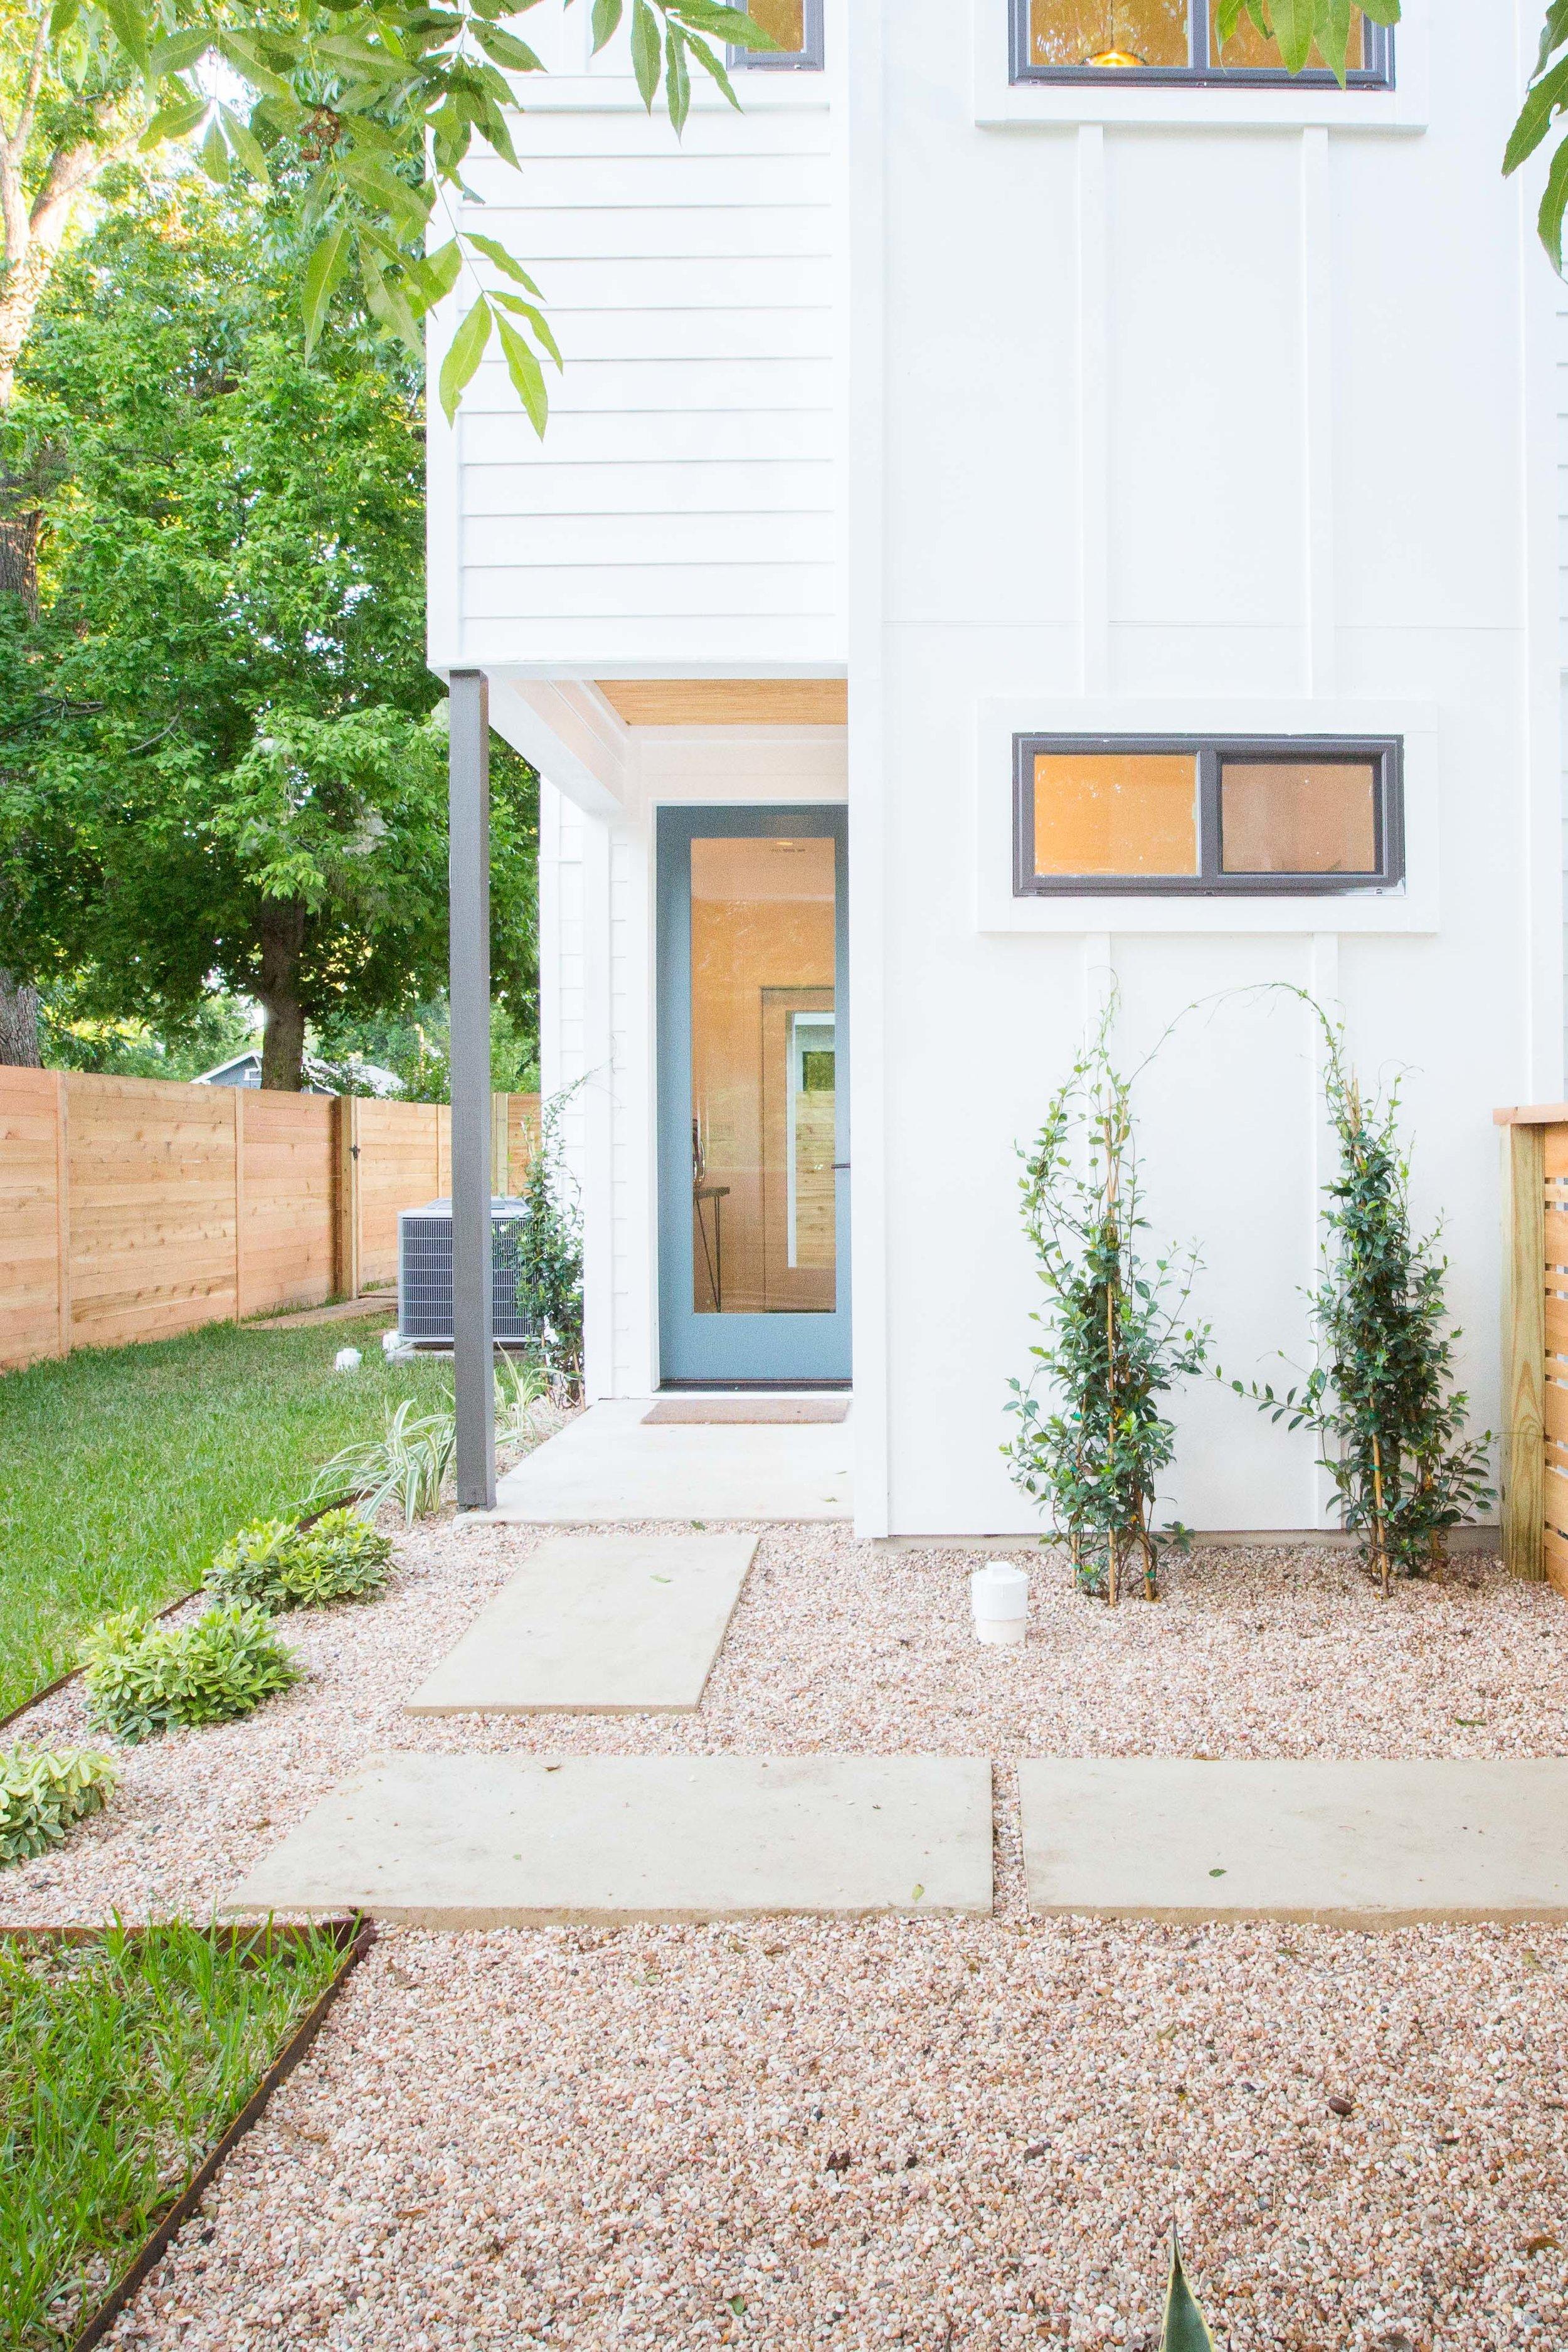 2504_WillowB_-_East_Austin_Alley_House_Modern_Cottage-9661[1].jpg